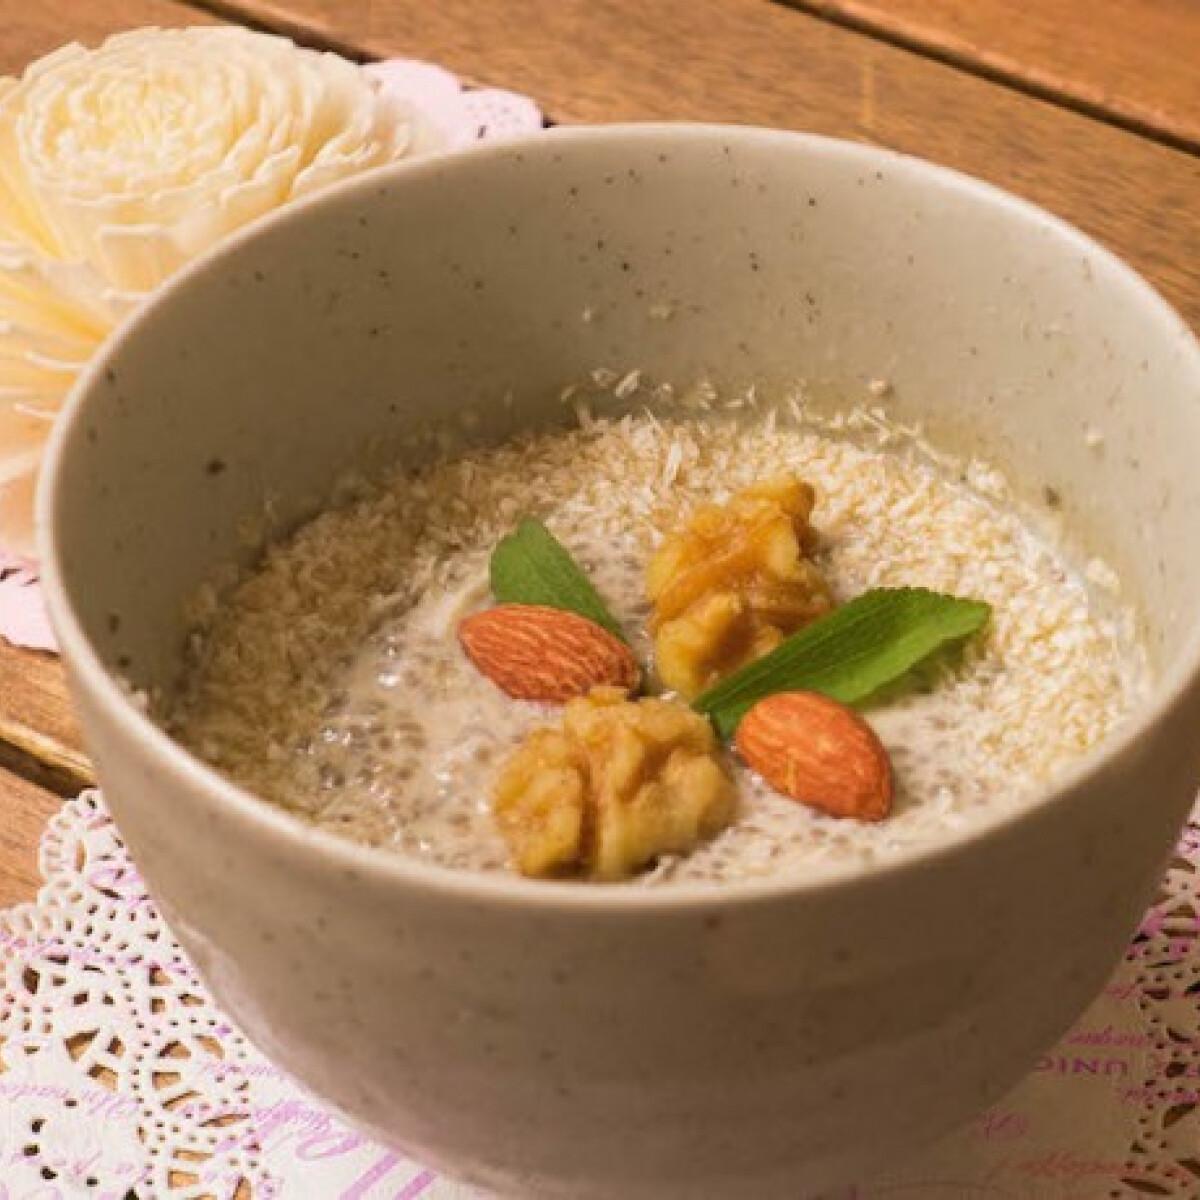 Ezen a képen: Kókuszos-vaníliás chia mag puding